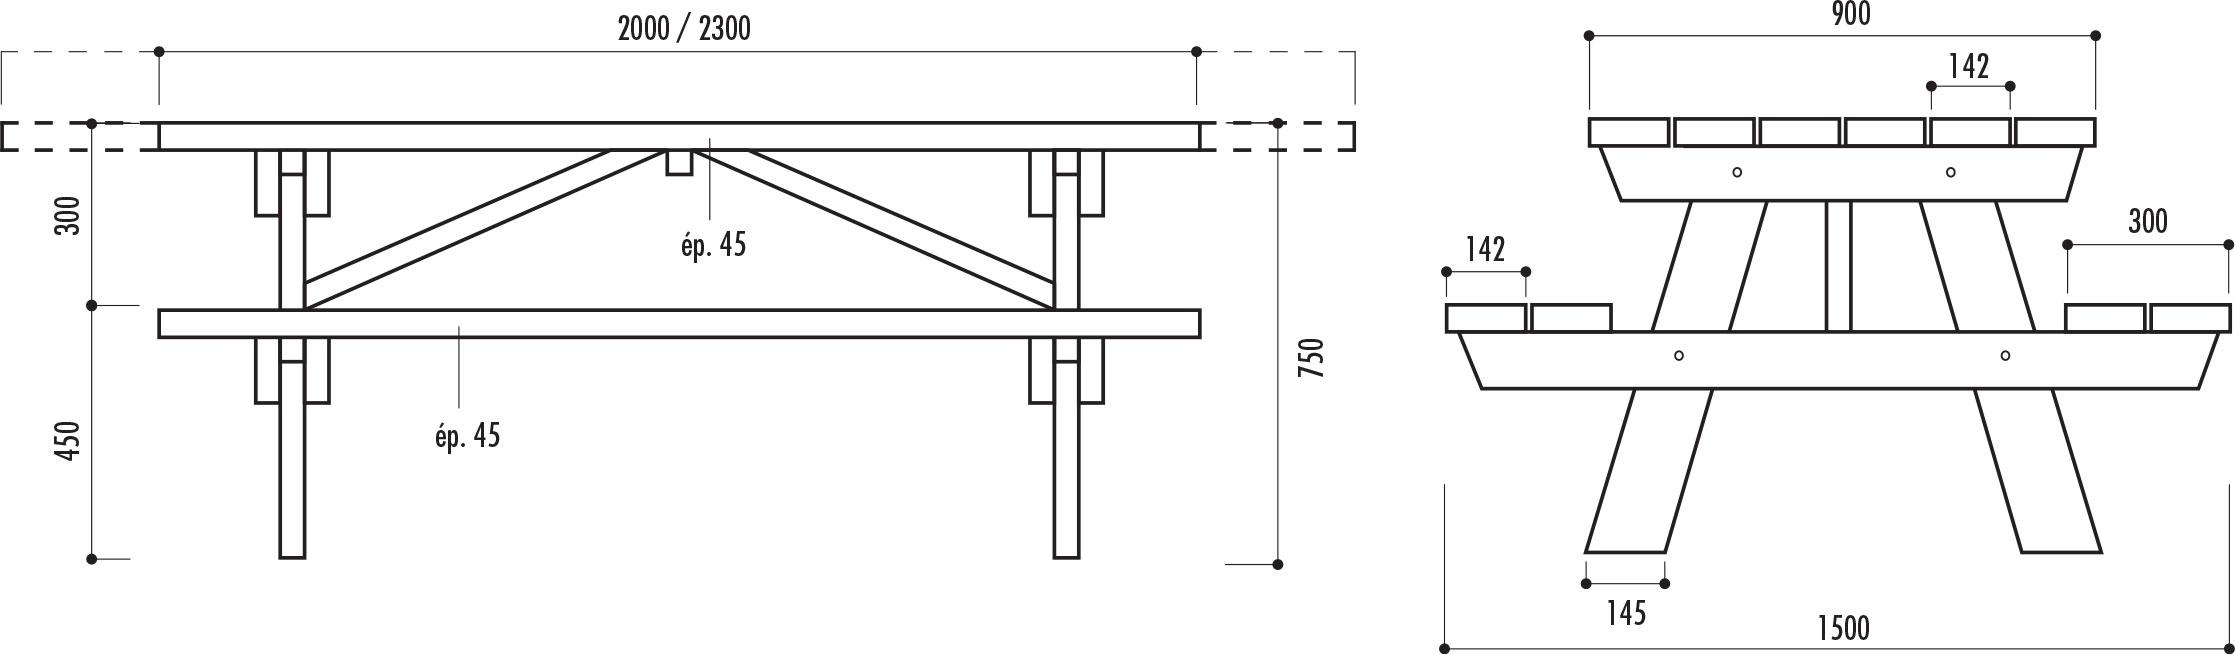 schéma technique de la table pique-nique en bois BERLIN - Cofradis Collectivités